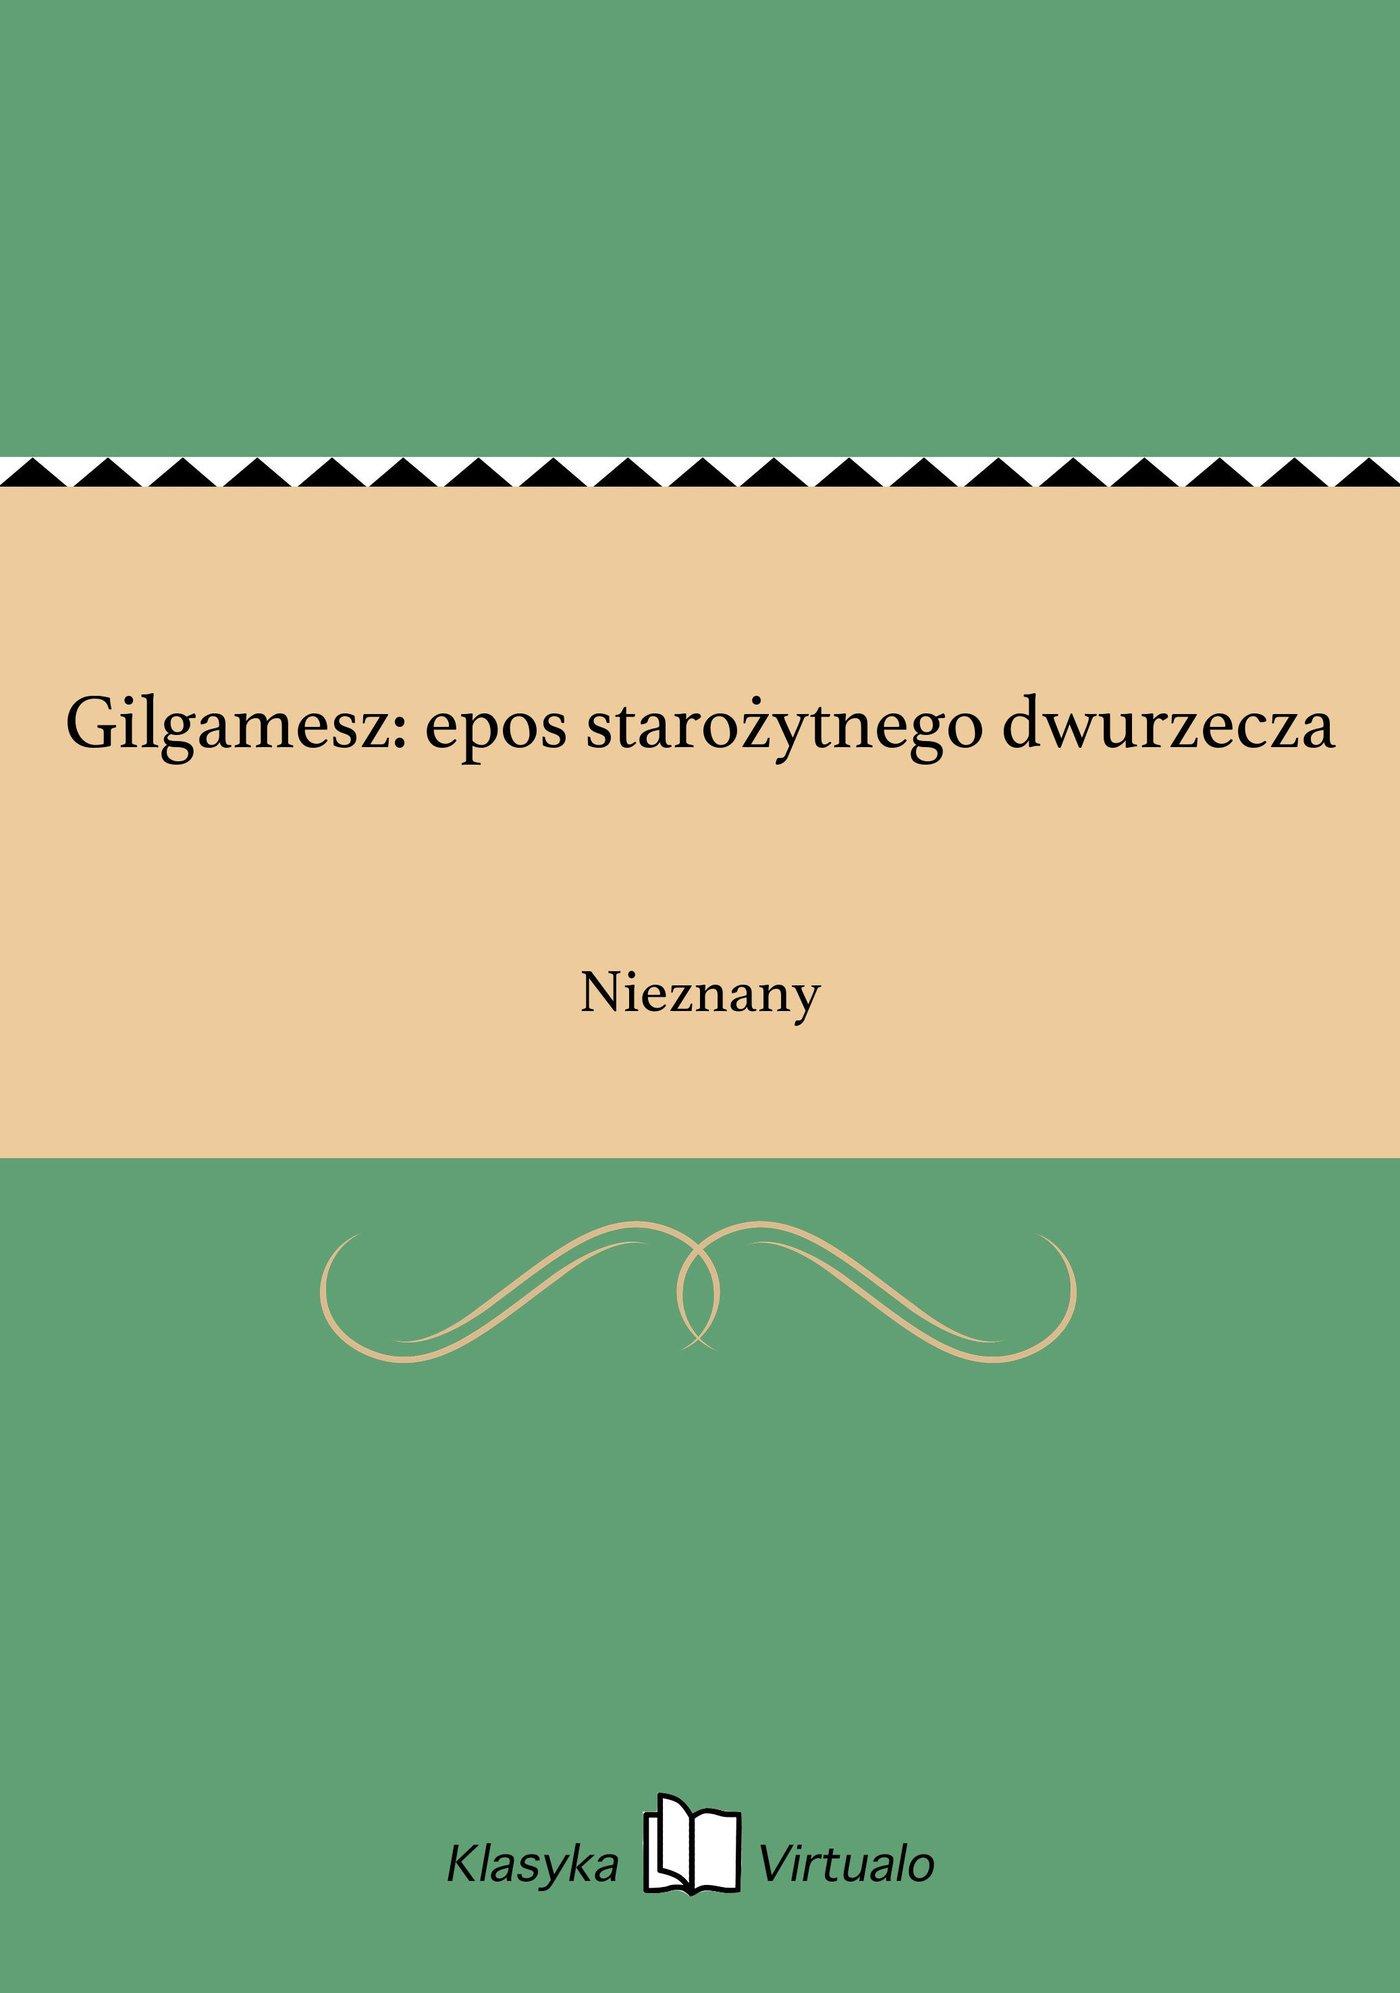 Gilgamesz: epos starożytnego dwurzecza - Ebook (Książka EPUB) do pobrania w formacie EPUB